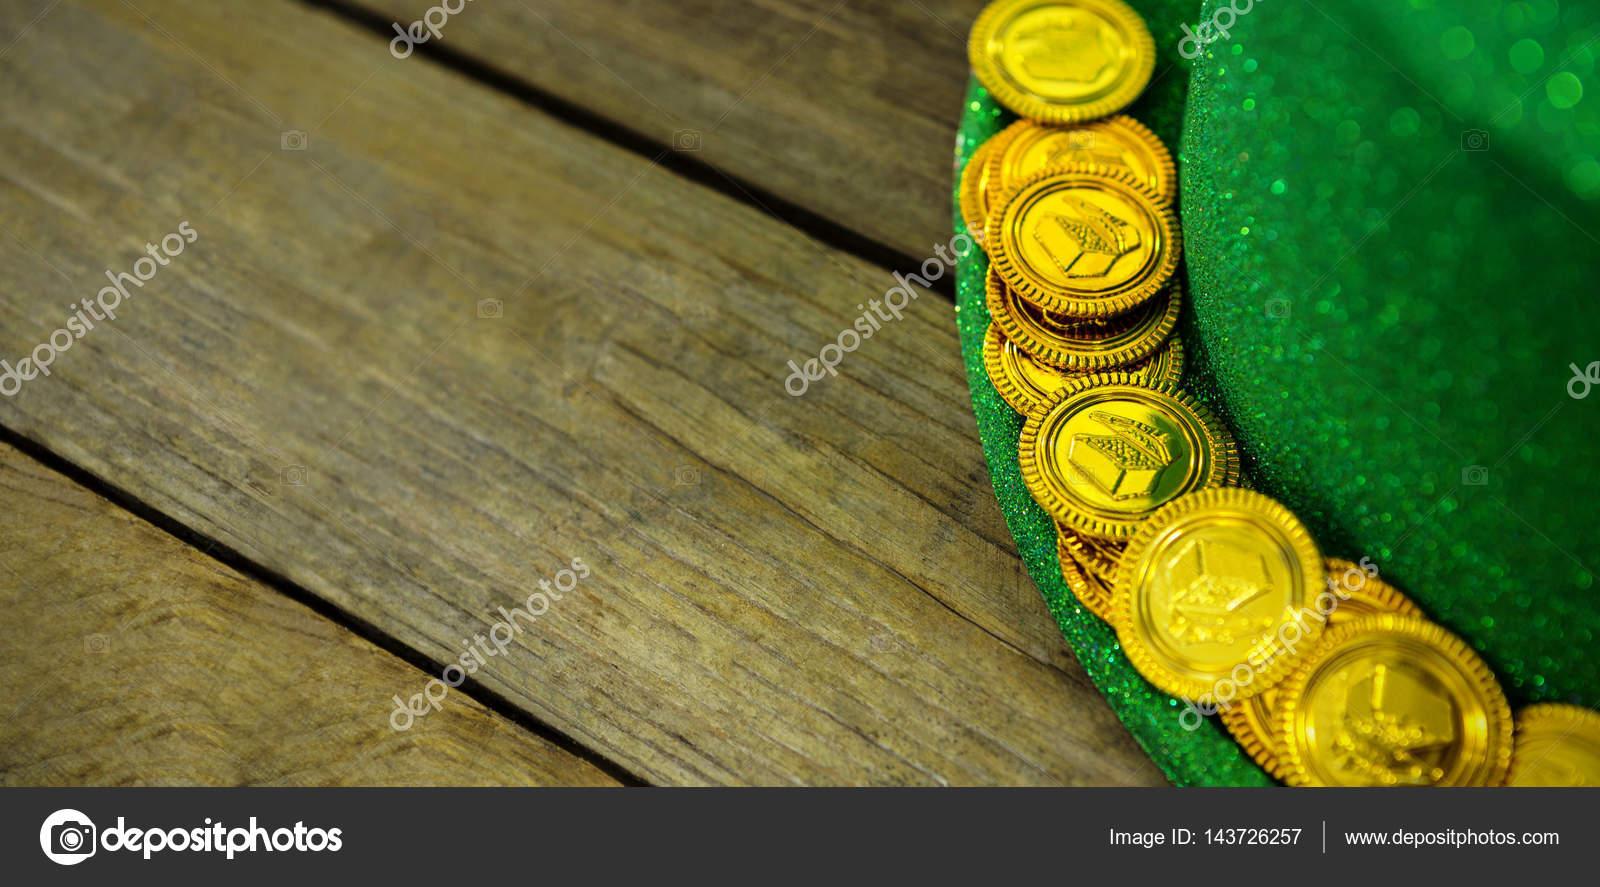 День святого Патрика Gallery: День Святого Патрика Лепрекон шляпа с золотой шоколадные